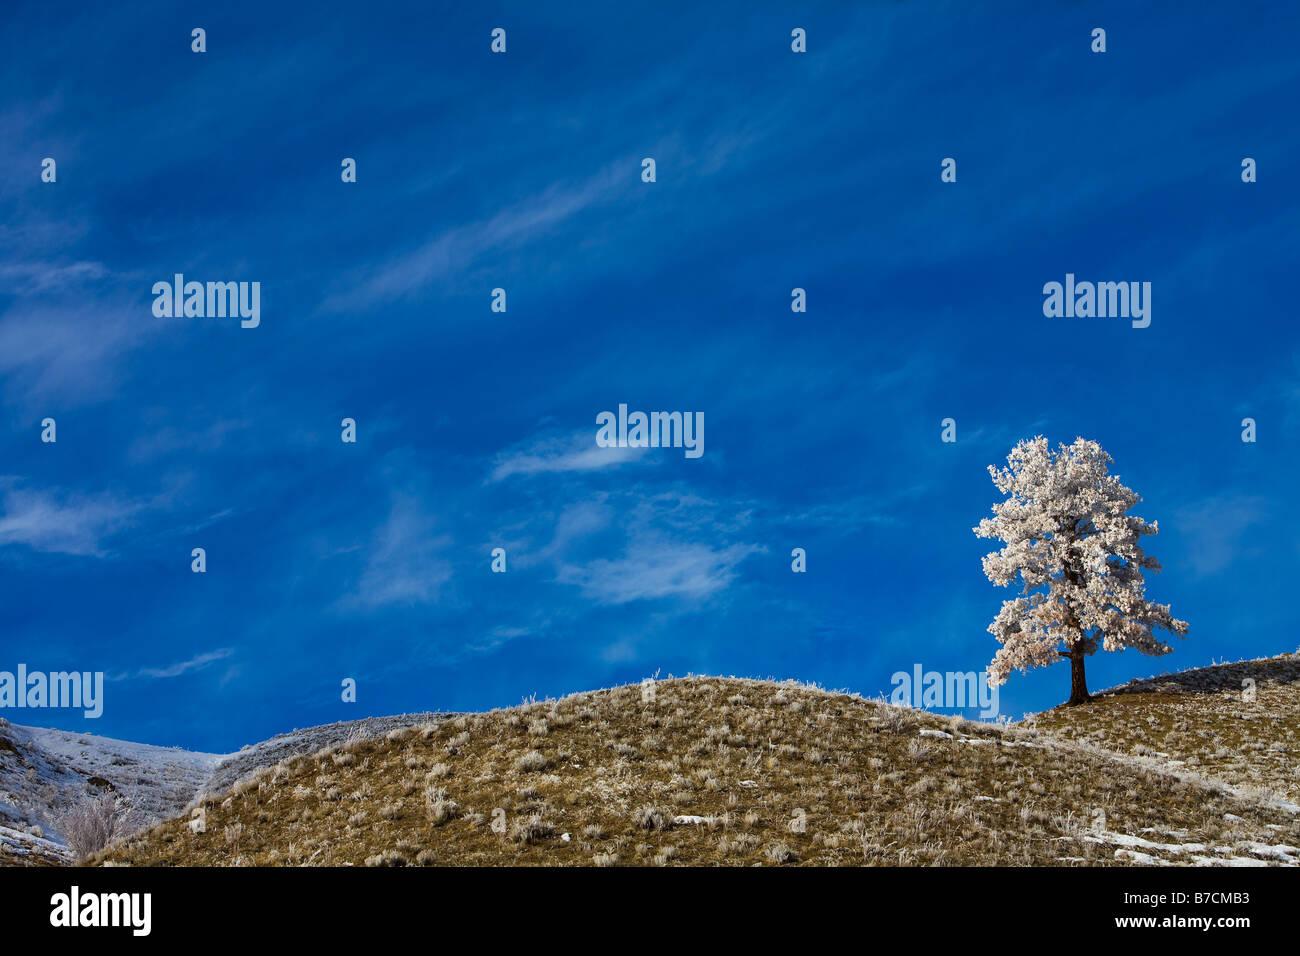 Un seul arbre couvert de neige sur le paysage Photo Stock